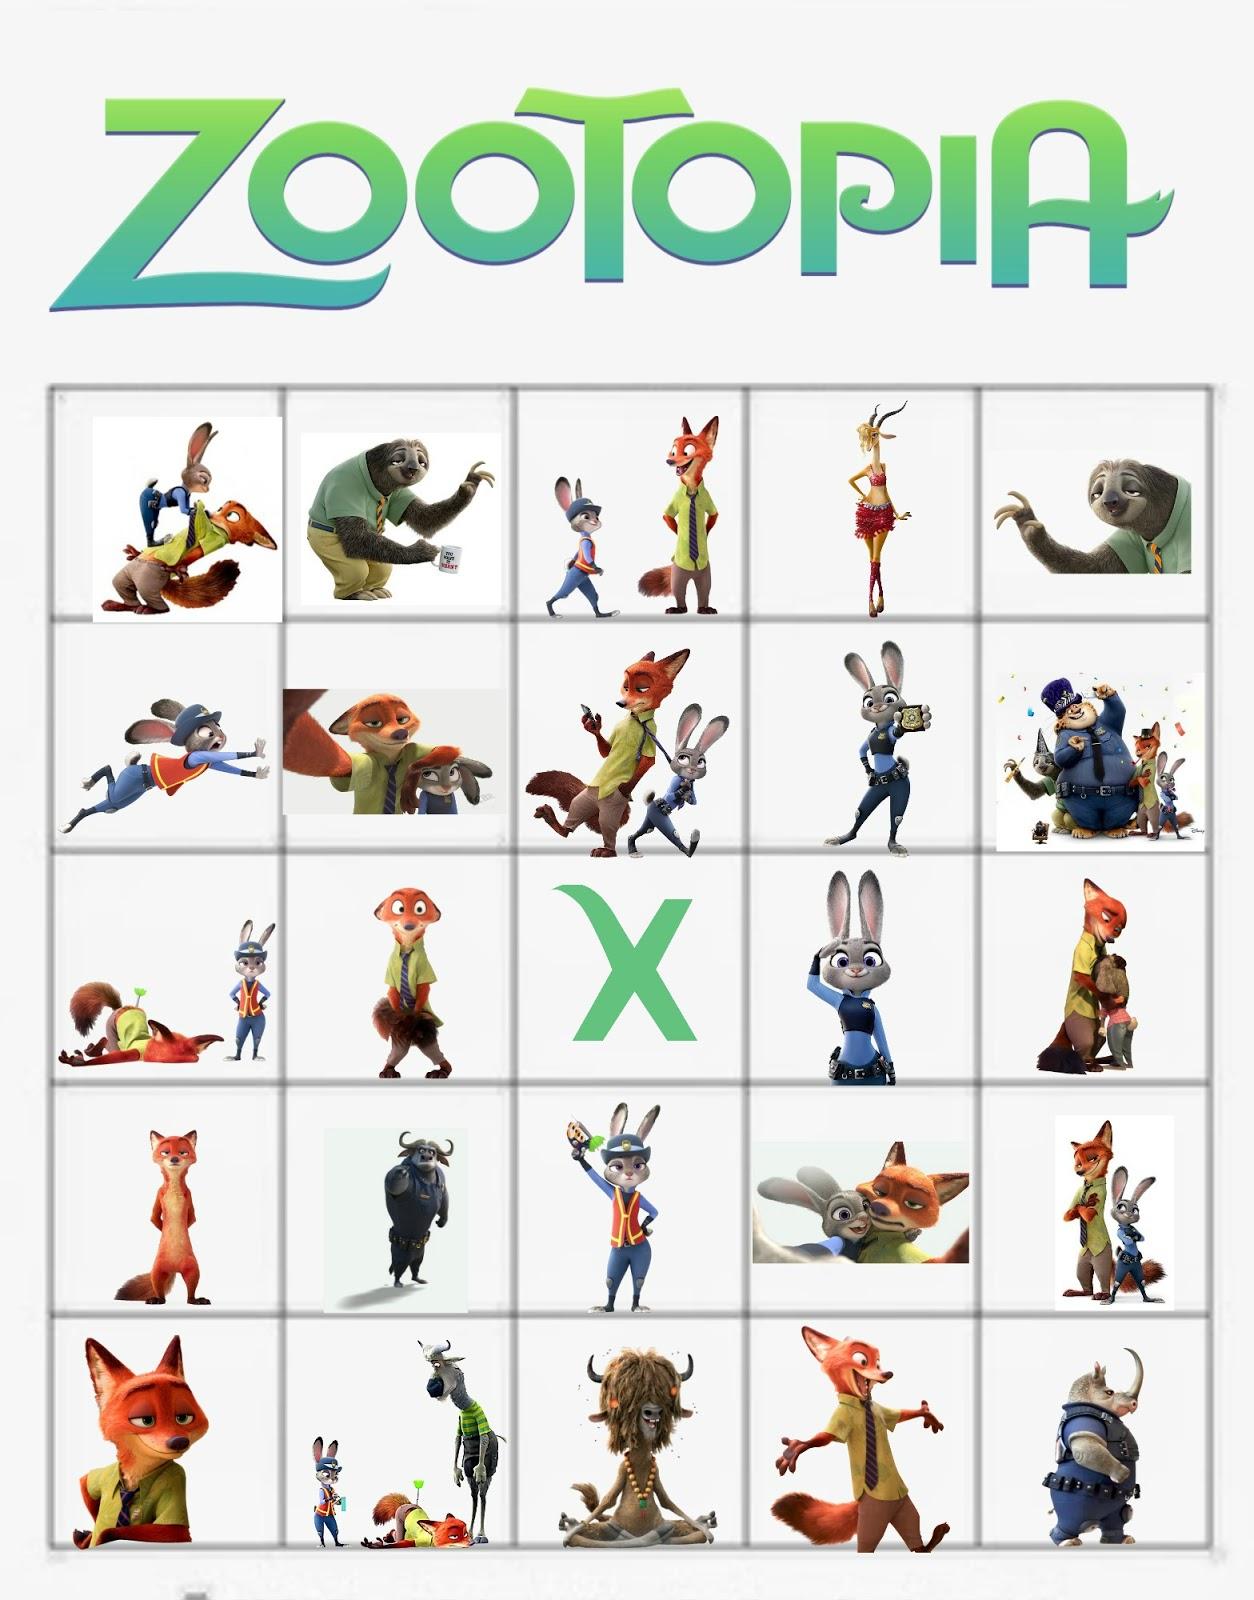 Zootopia thesis